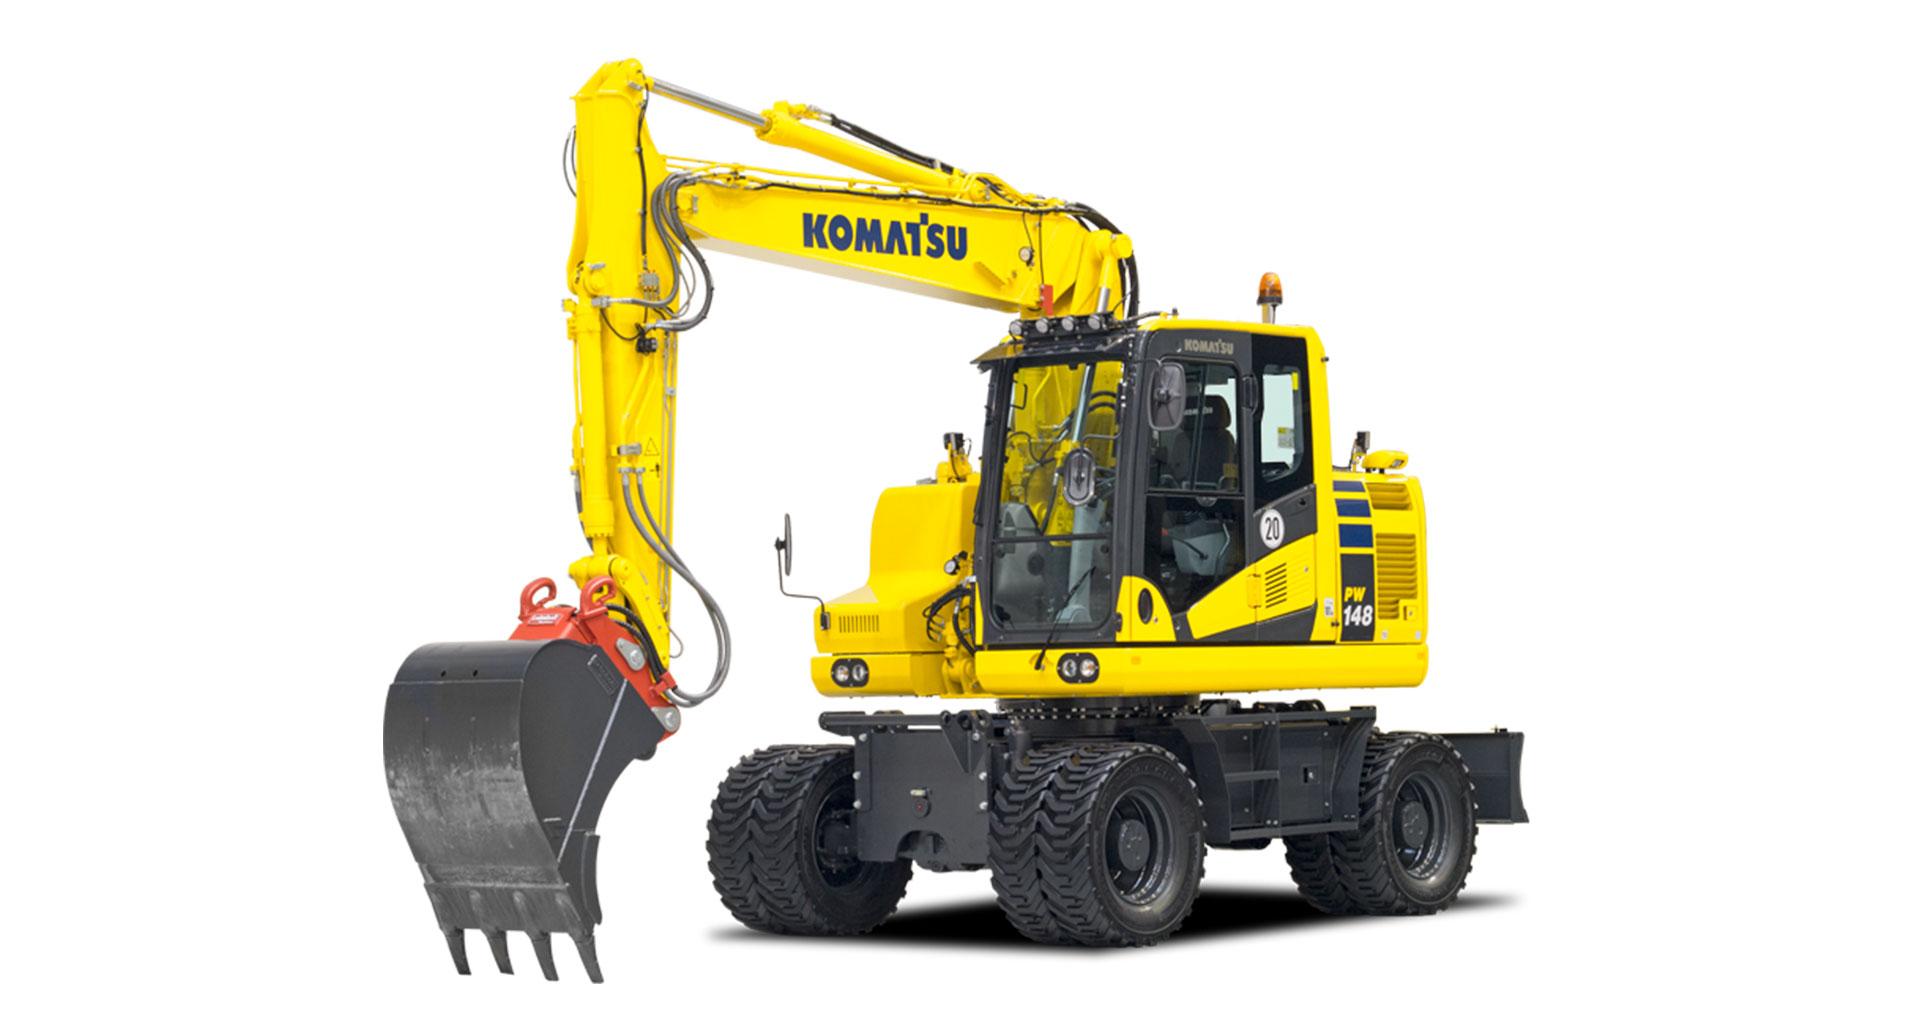 Escavatore gommato Komatsu PW148-11